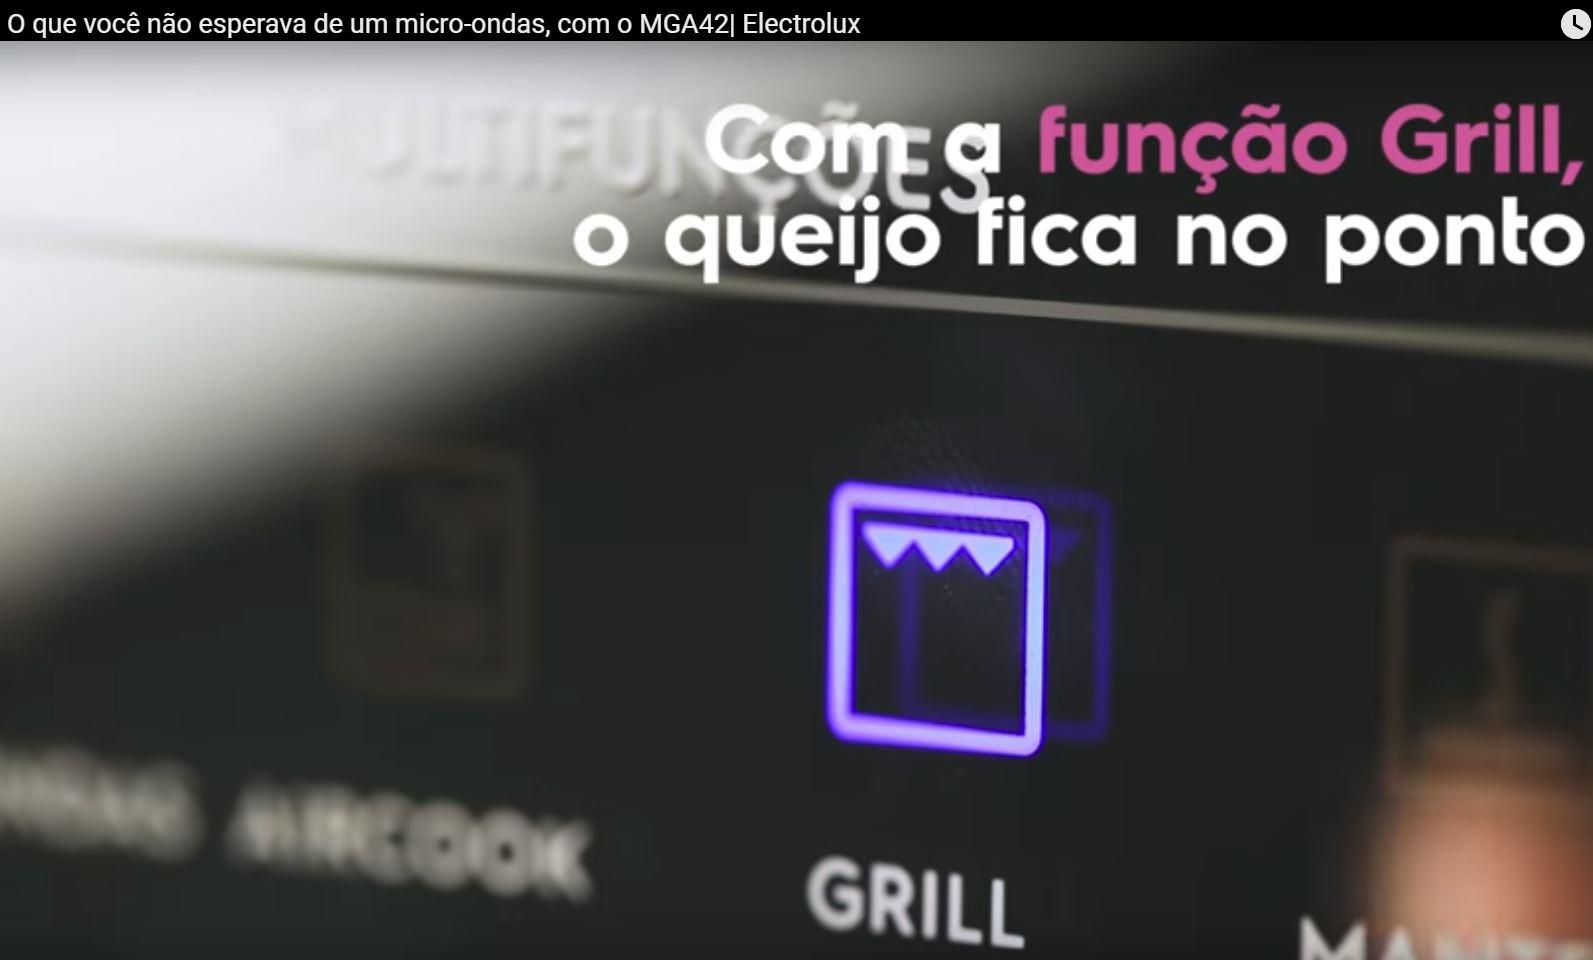 Como utilizar a função grill do microondas Electrolux MGA42 - img video